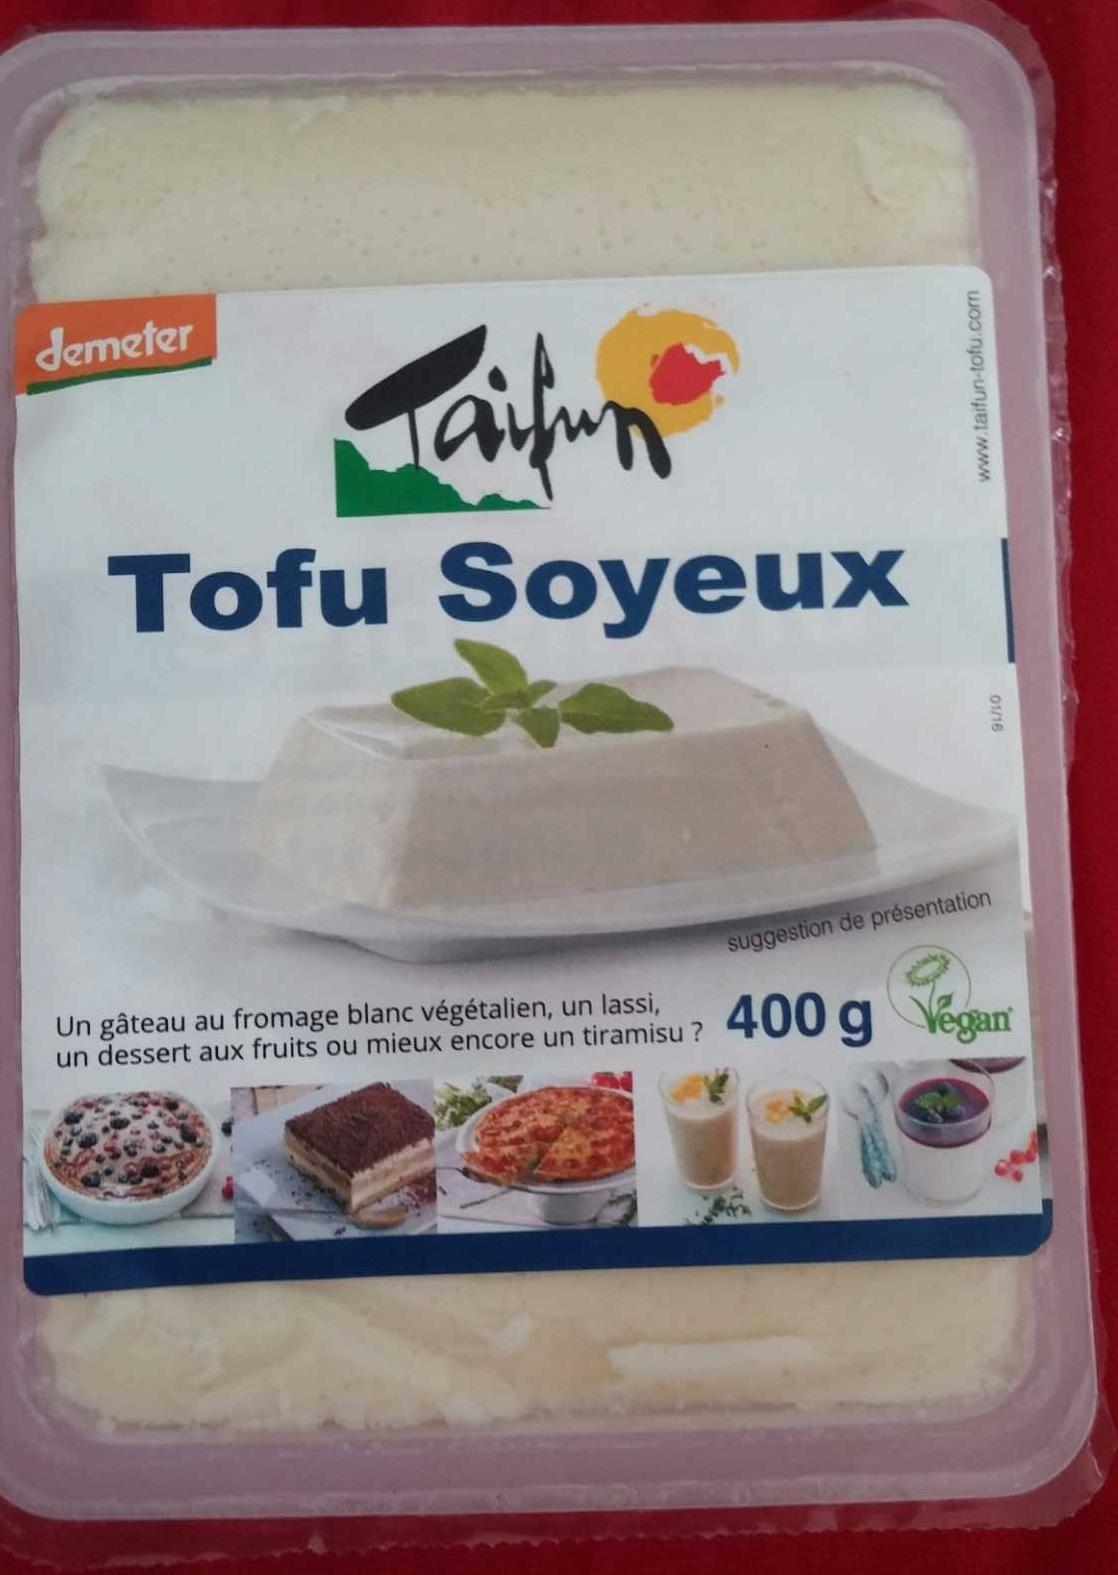 Tofu soyeux - Product - fr